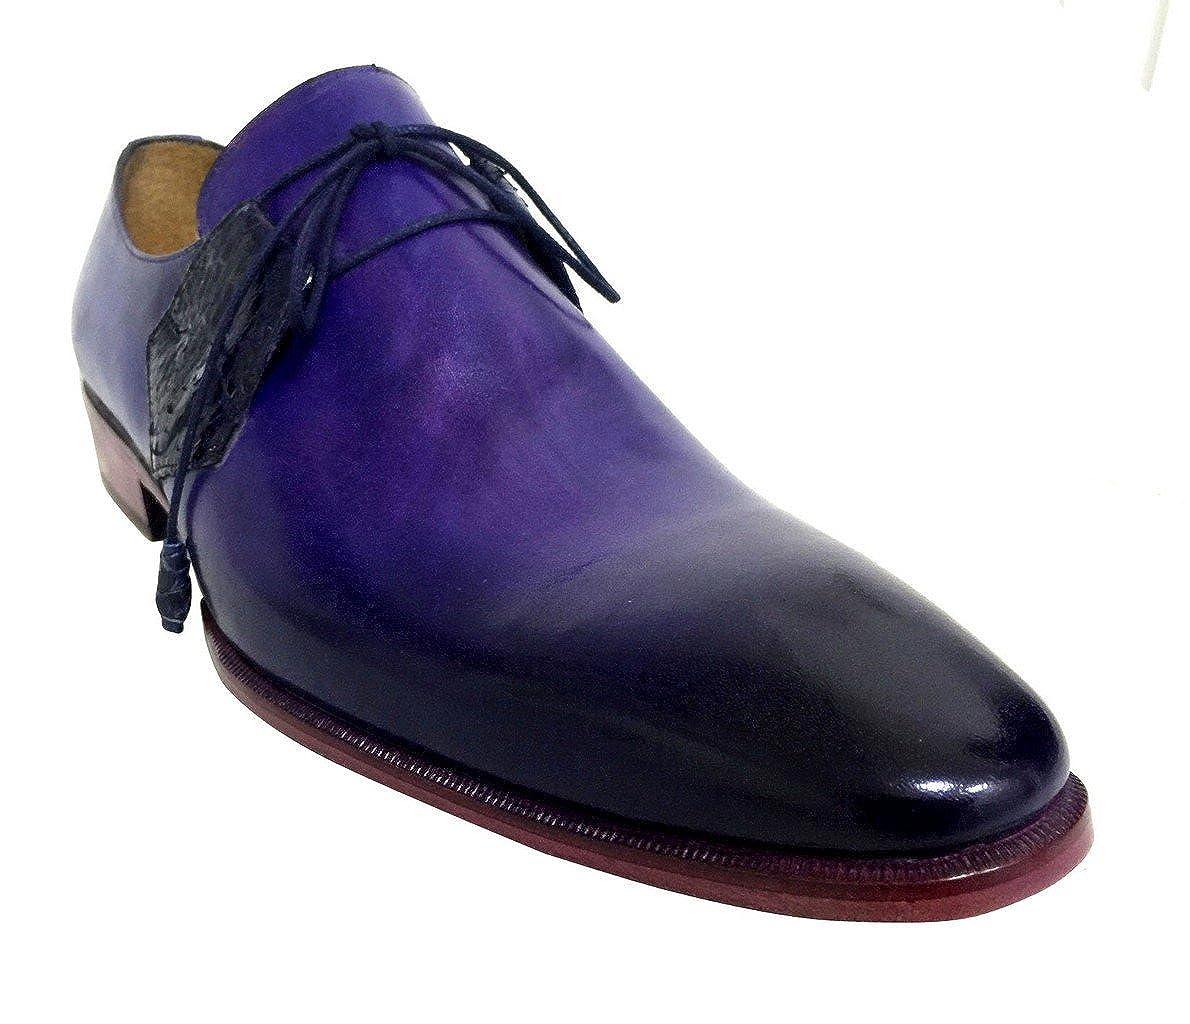 Oscar Oscar Oscar William Earls Walk Men's Luxury Classic Handmade Leather Shoes B072J8VM6Z Fashion Sneakers a9b2d7